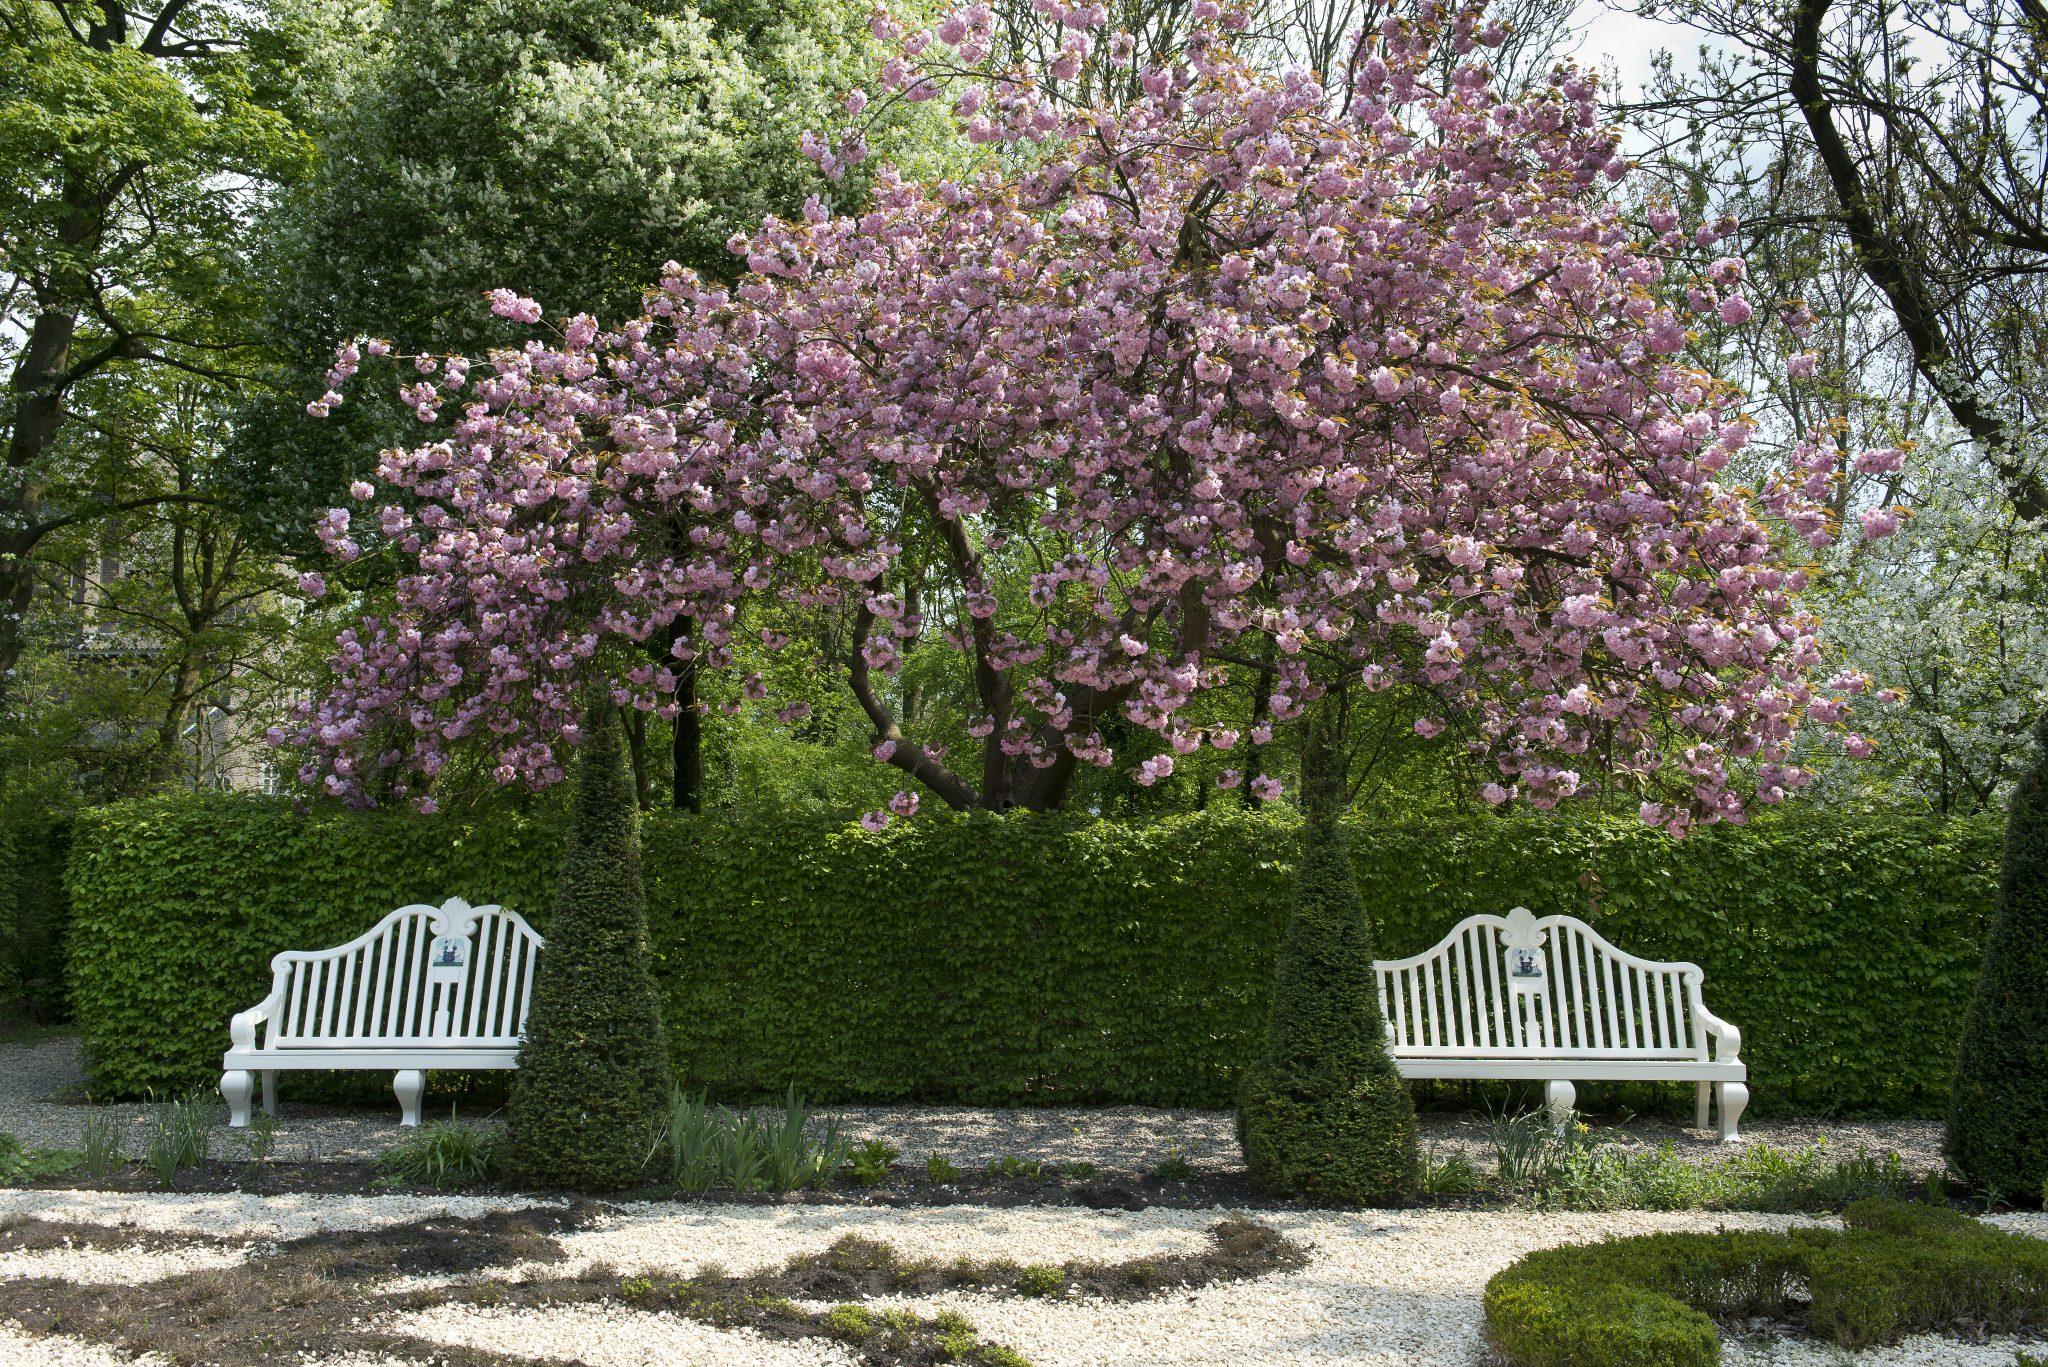 Magnoliaboom in de tuin